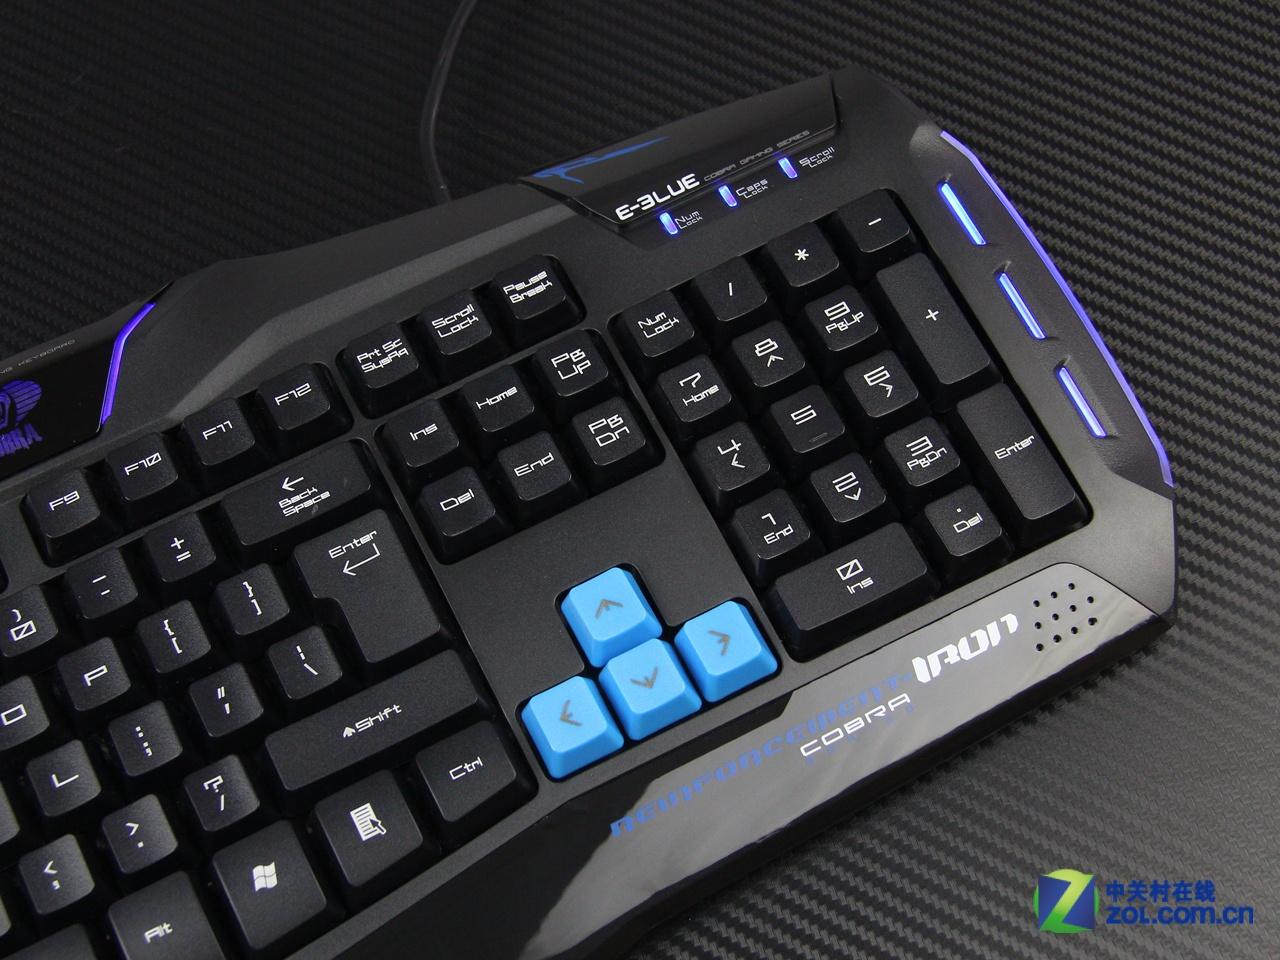 晚上沒有眩光,逸波眩光版鍵盤背光設計